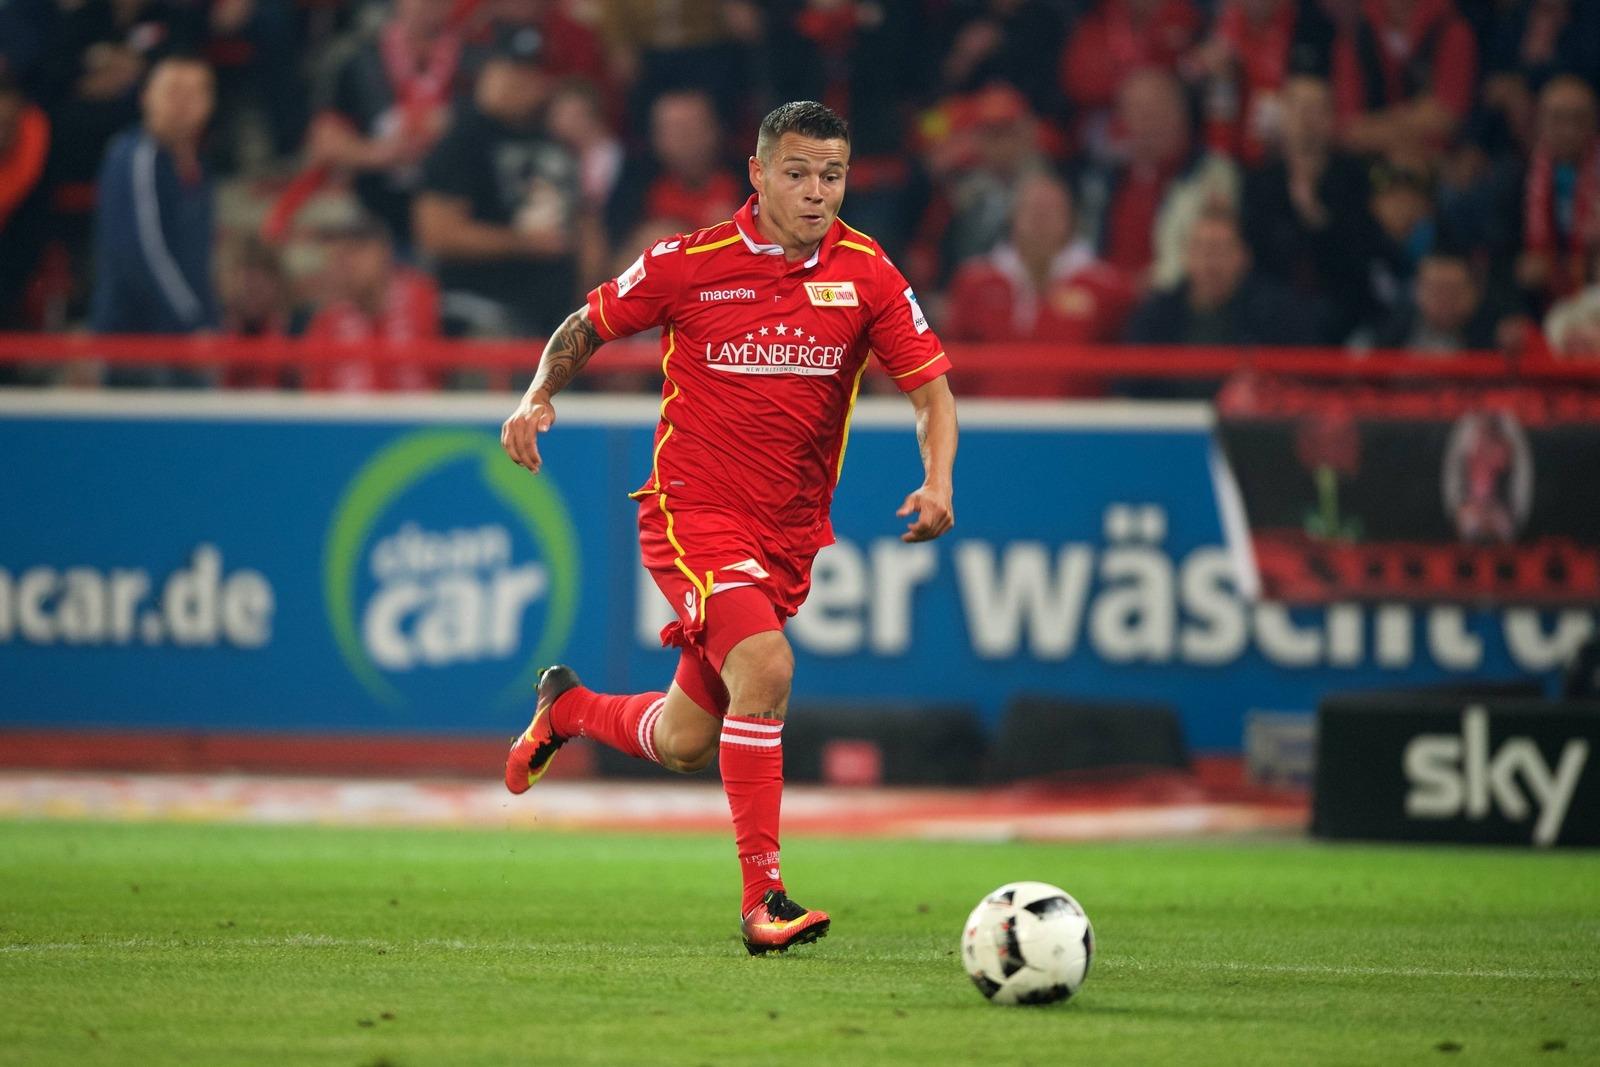 Christopher Quiring spielte bisher für Union Berlin.